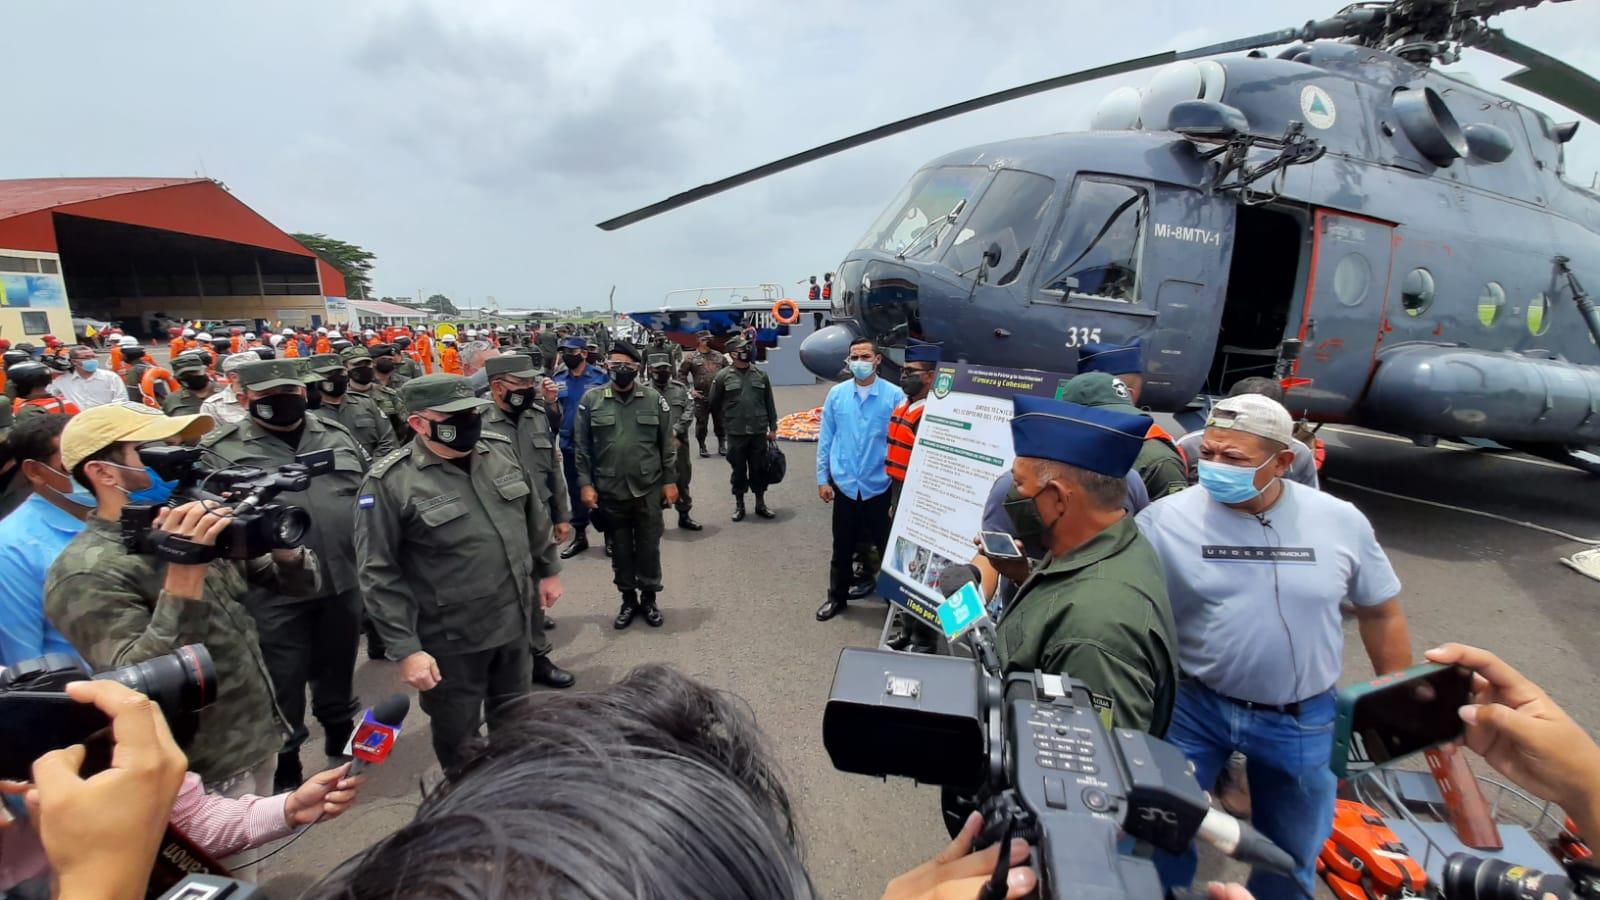 Ejército estrena equipos y medios para protección de población Managua. Por Jerson Dumas/Radio La Primerísima